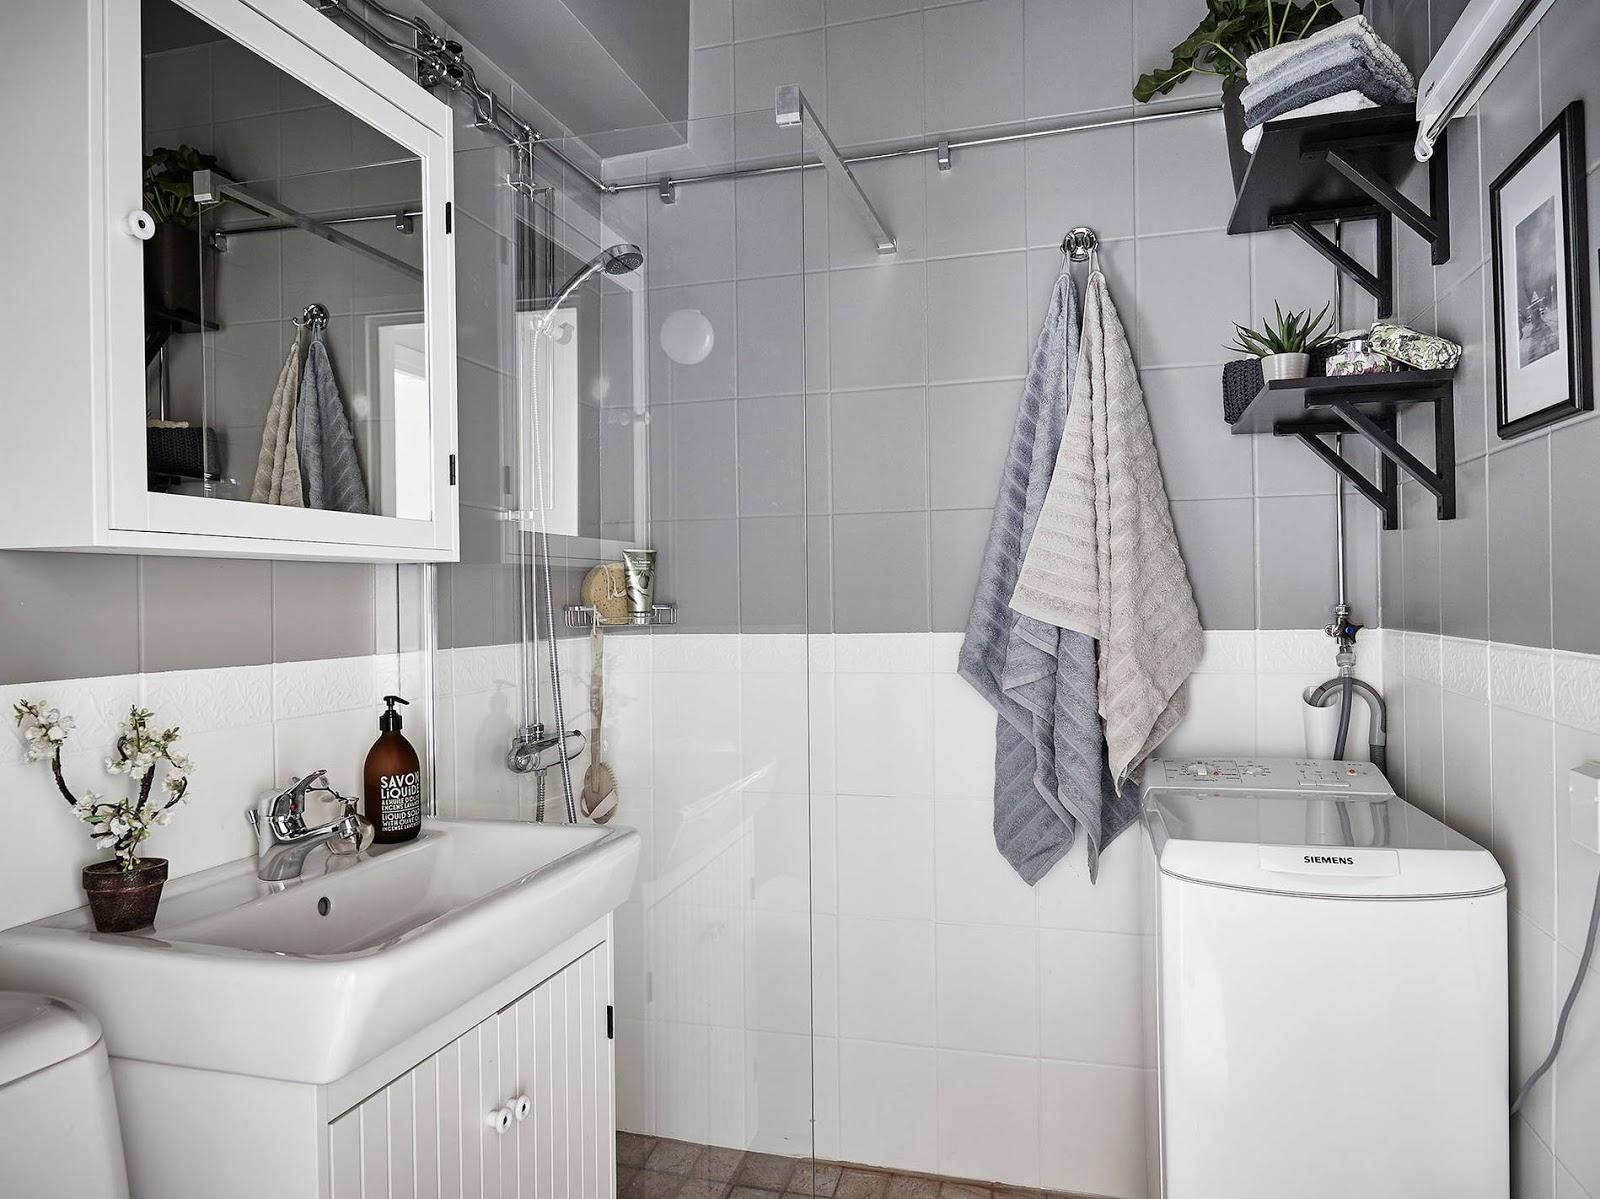 JAK POMALOWAĆ KAFELKI W ŁAZIENCE? ikea łazienka, skandynawska łazienka